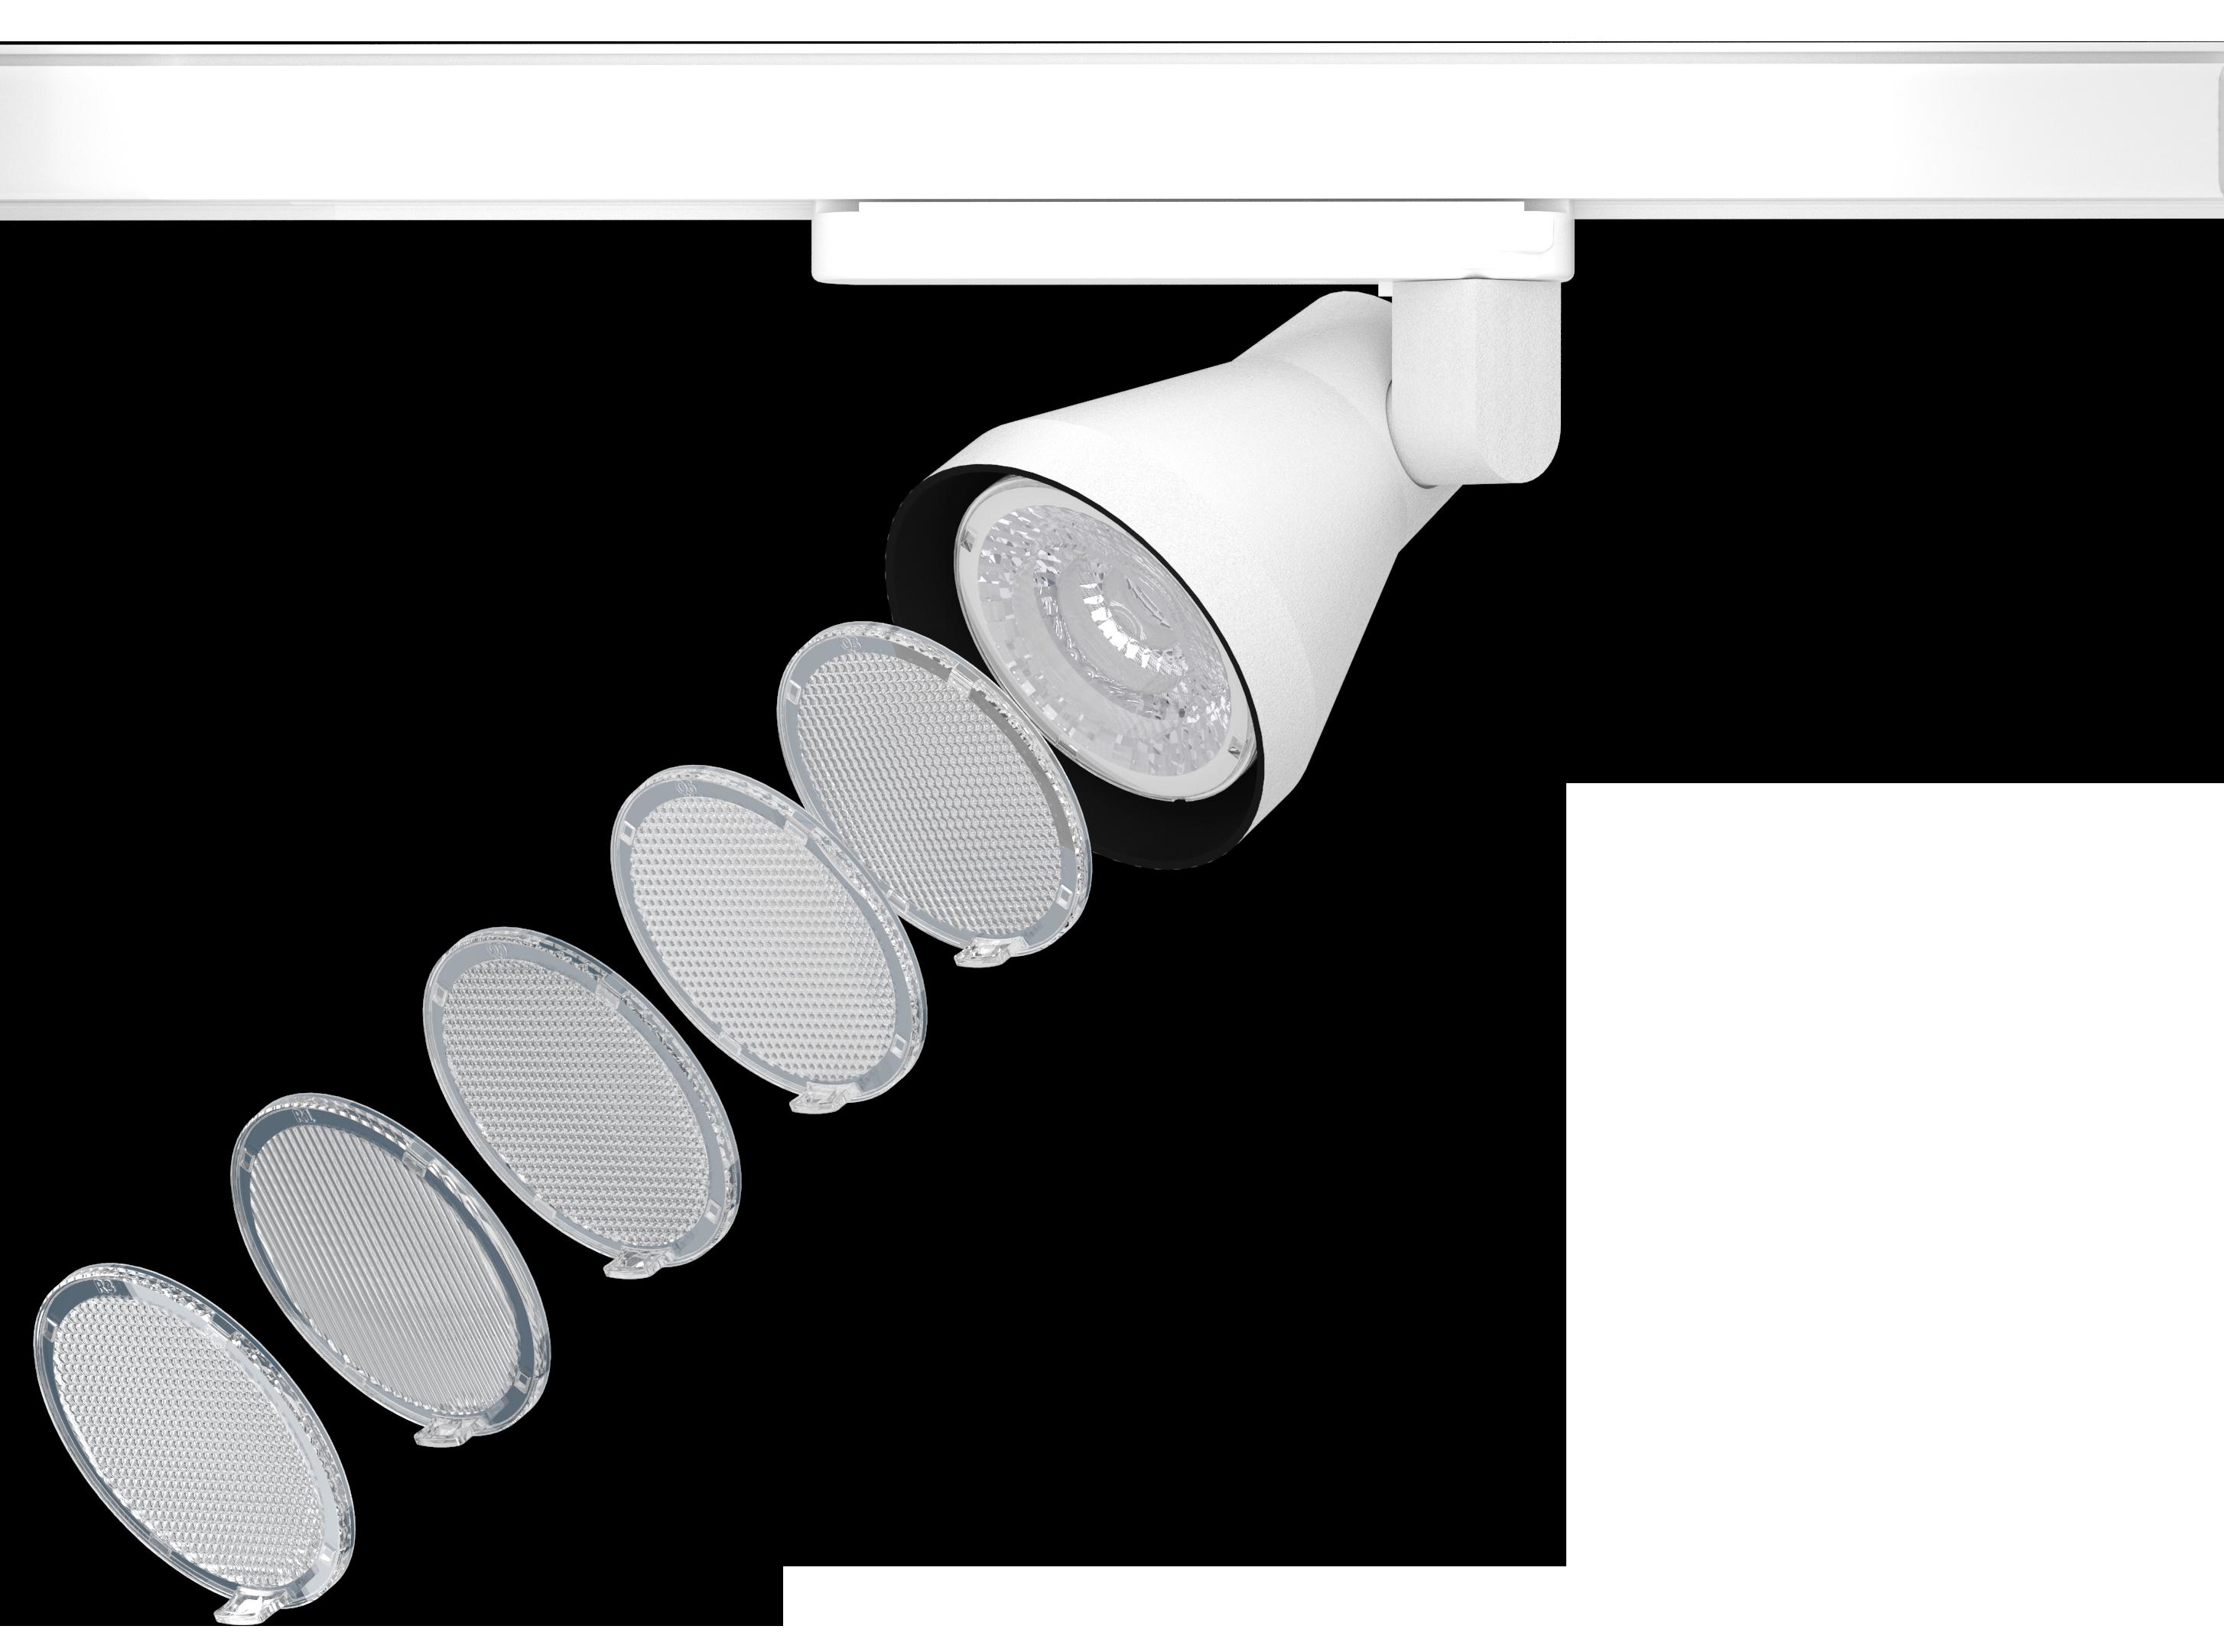 bellex_explotado_blanco_perspectiva para folleto_con tiradores para ópticas_sin logo